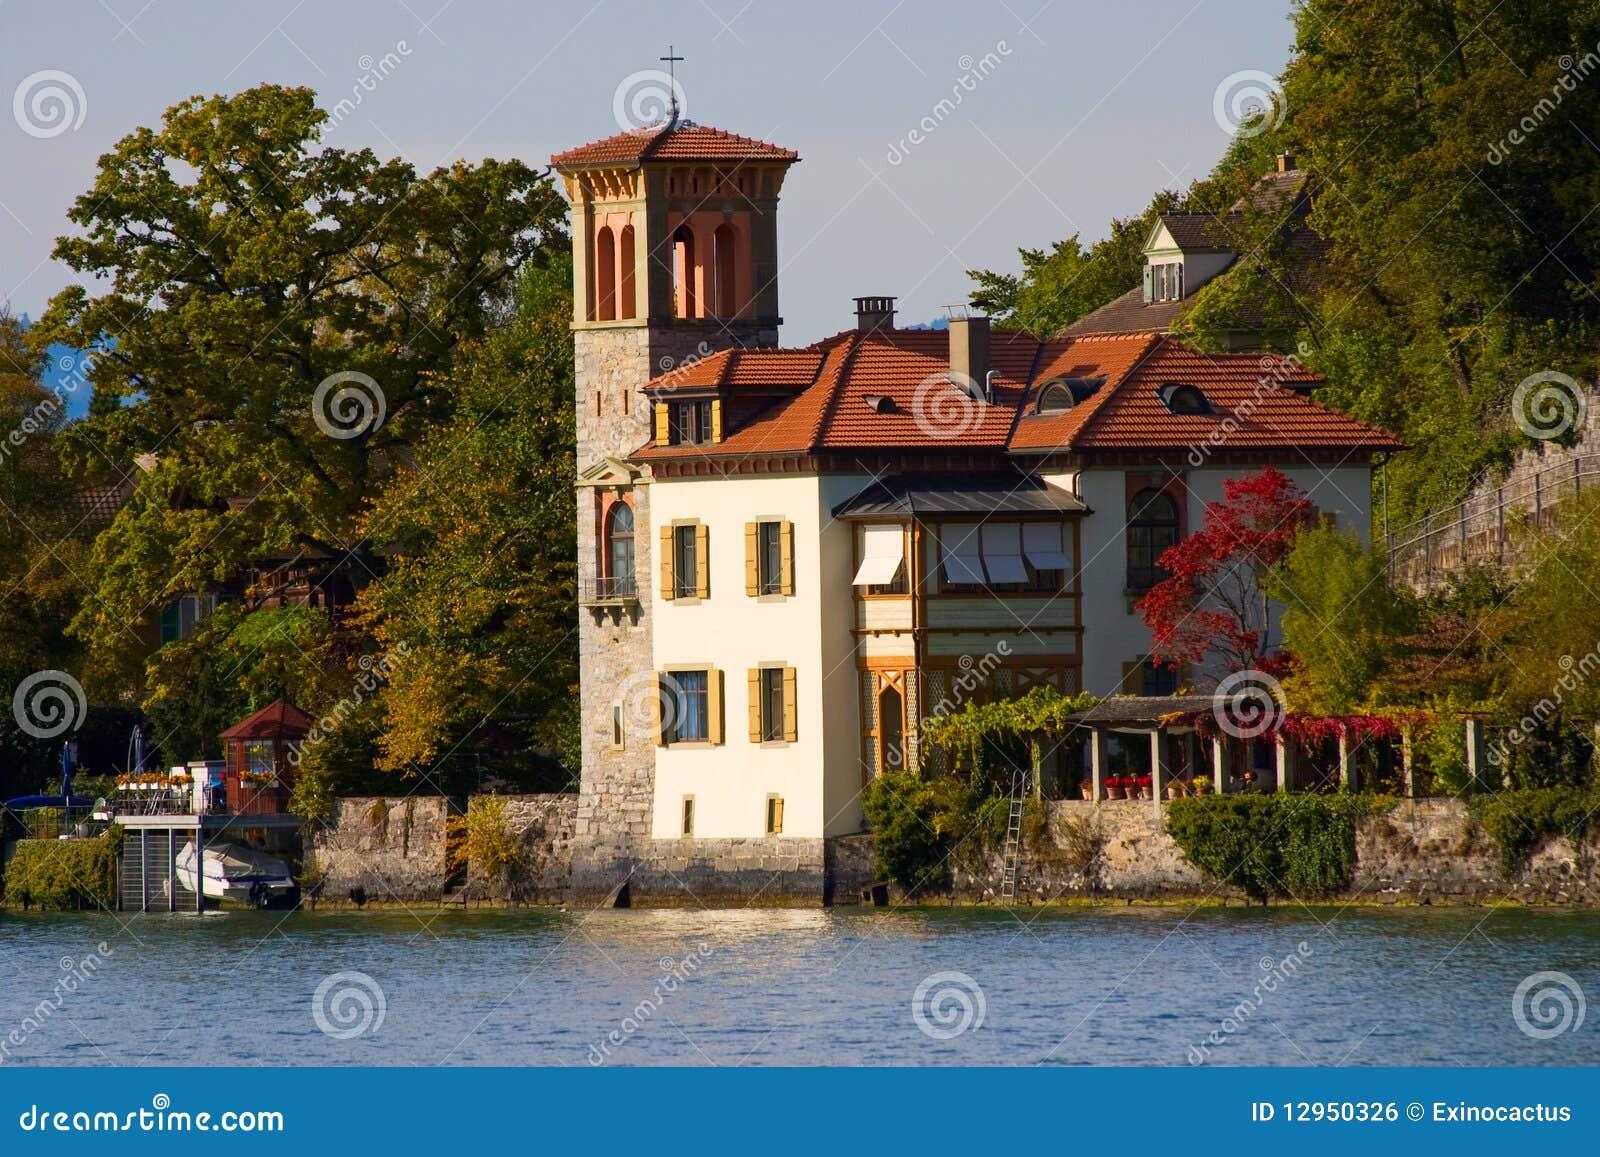 Una casa en estilo italiano imagen de archivo libre de - Casas de estilo italiano ...